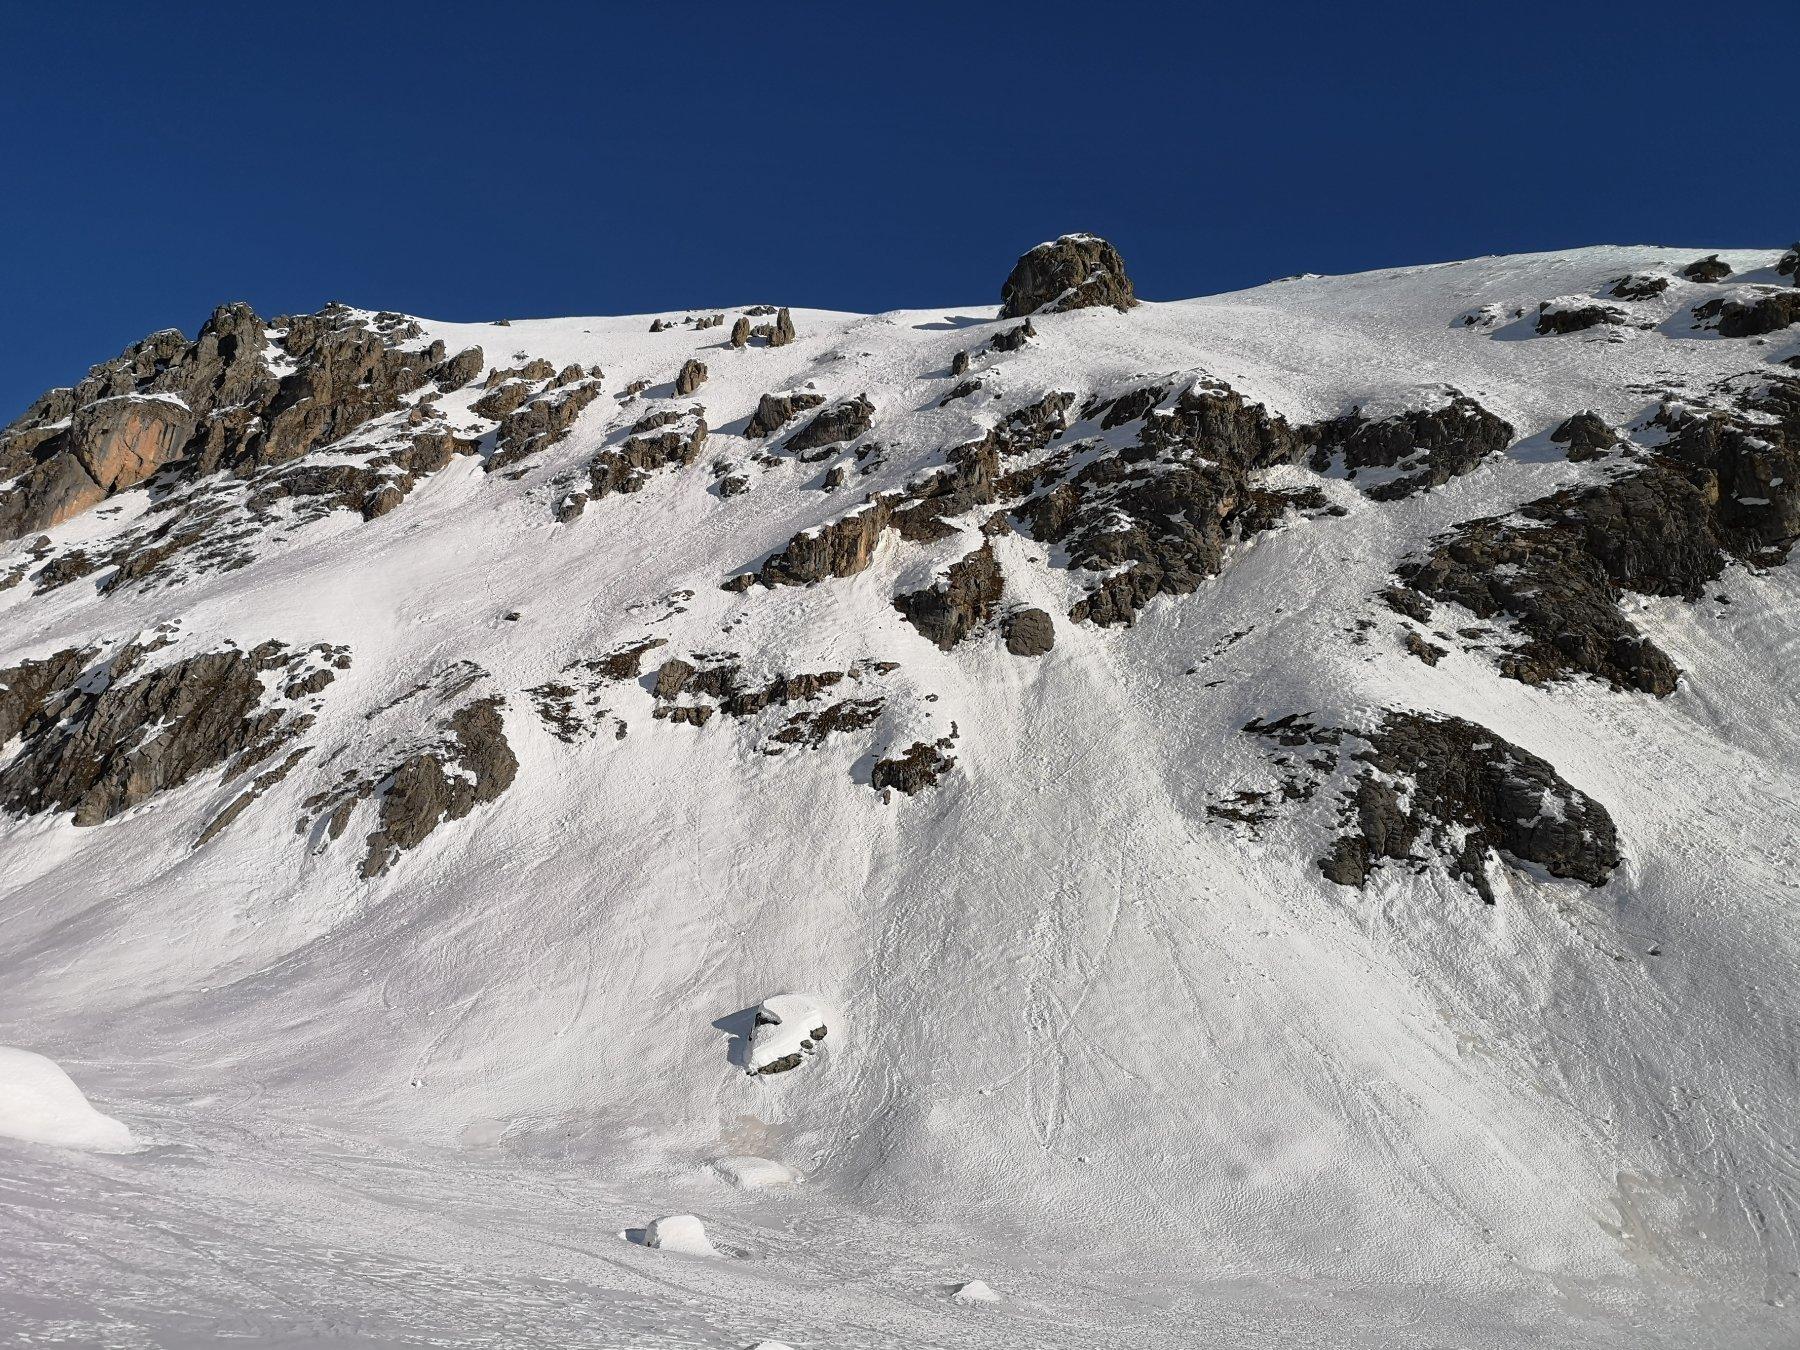 Vista sulla parte inferiore dell'itinerario dalla Valle dell'Infernetto